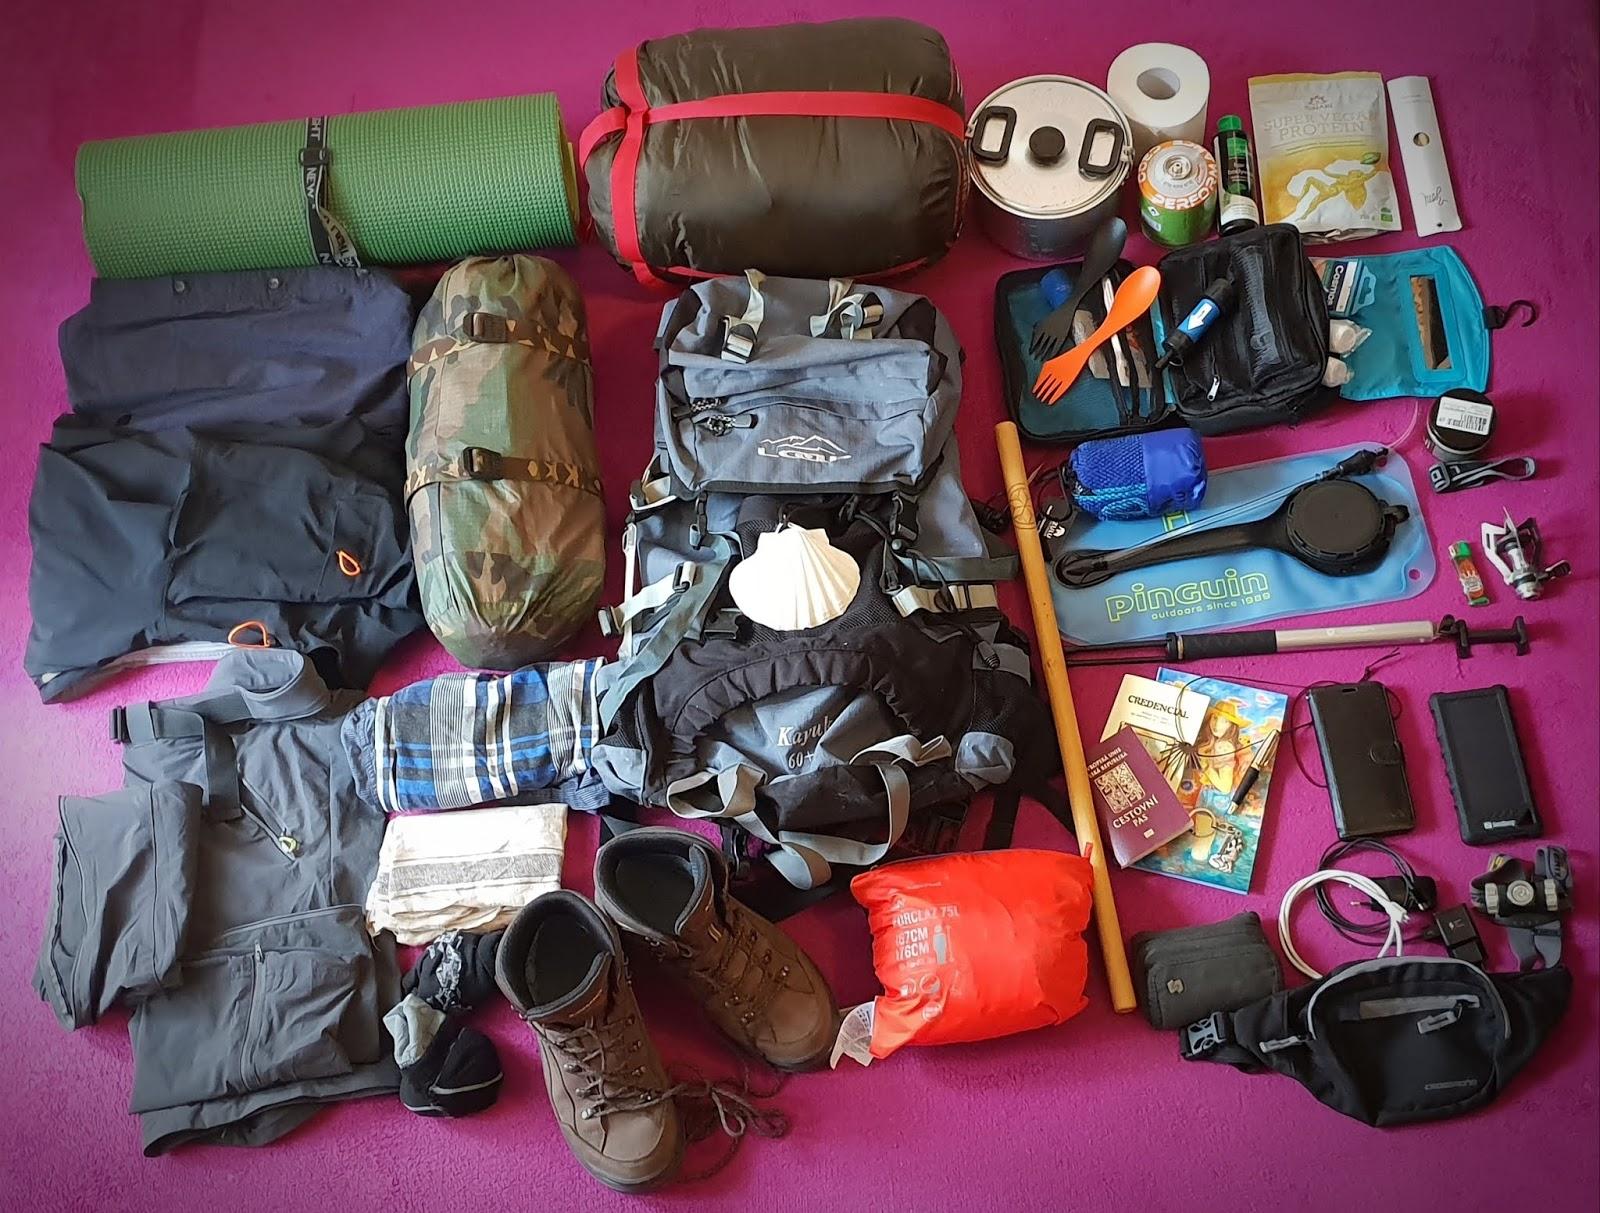 362ecc8f30 Vybavení. turistický batoh. Loap KAYUK 60+10L...............................................1  500Kč mobilní telefon. Samsung Galaxy S9+ .